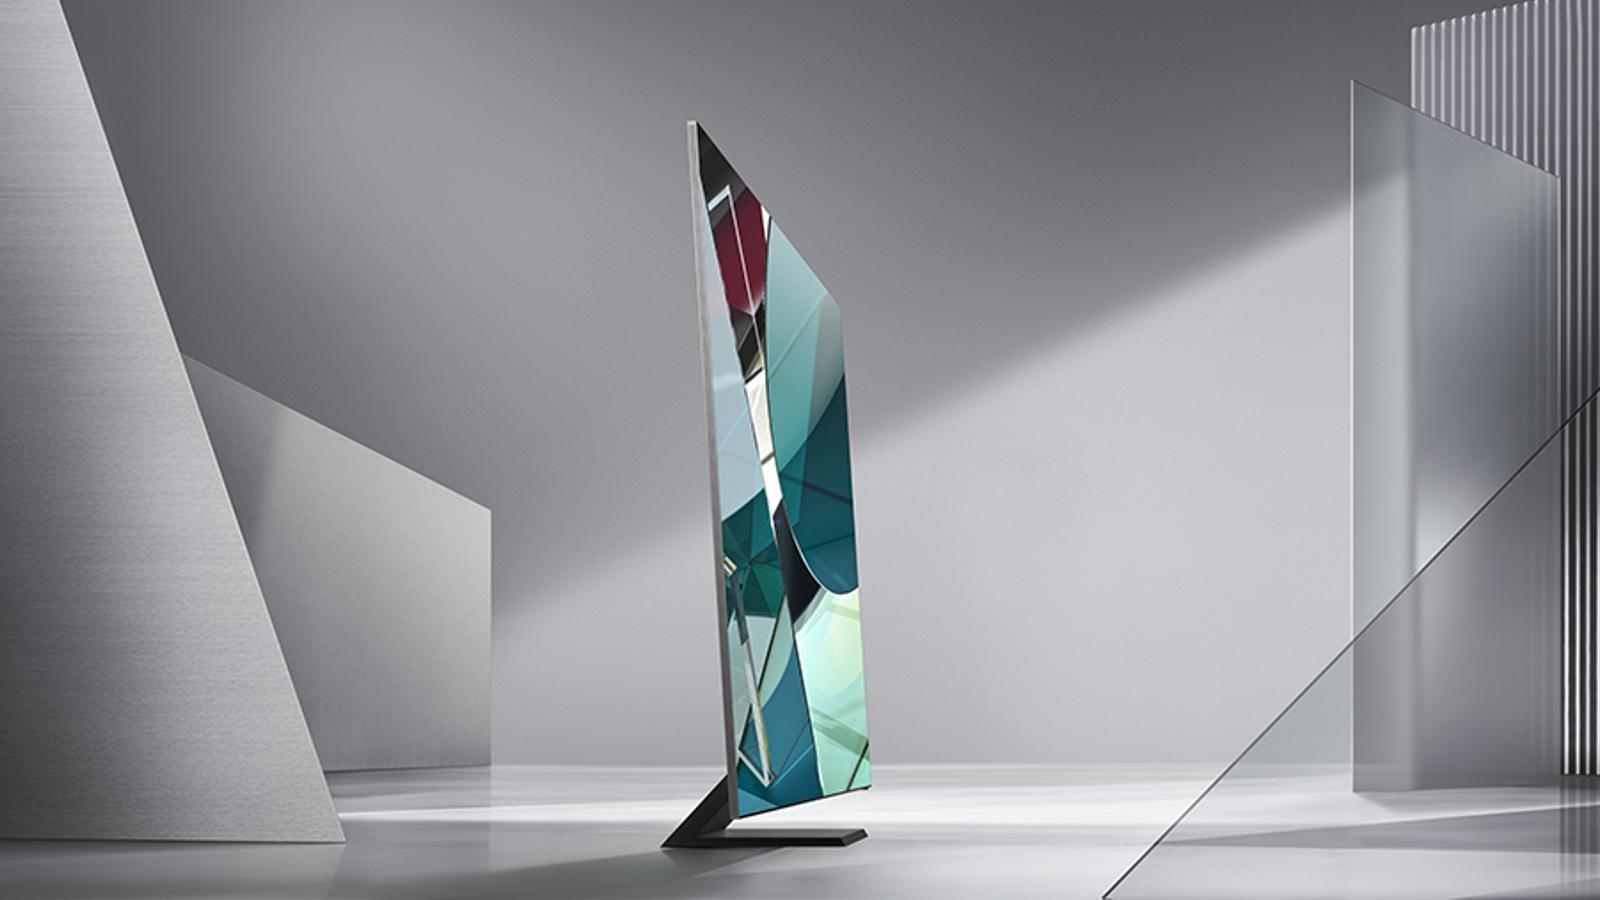 El nou model de Samsung està preparat pels pròxims avenços en continguts audiovisual